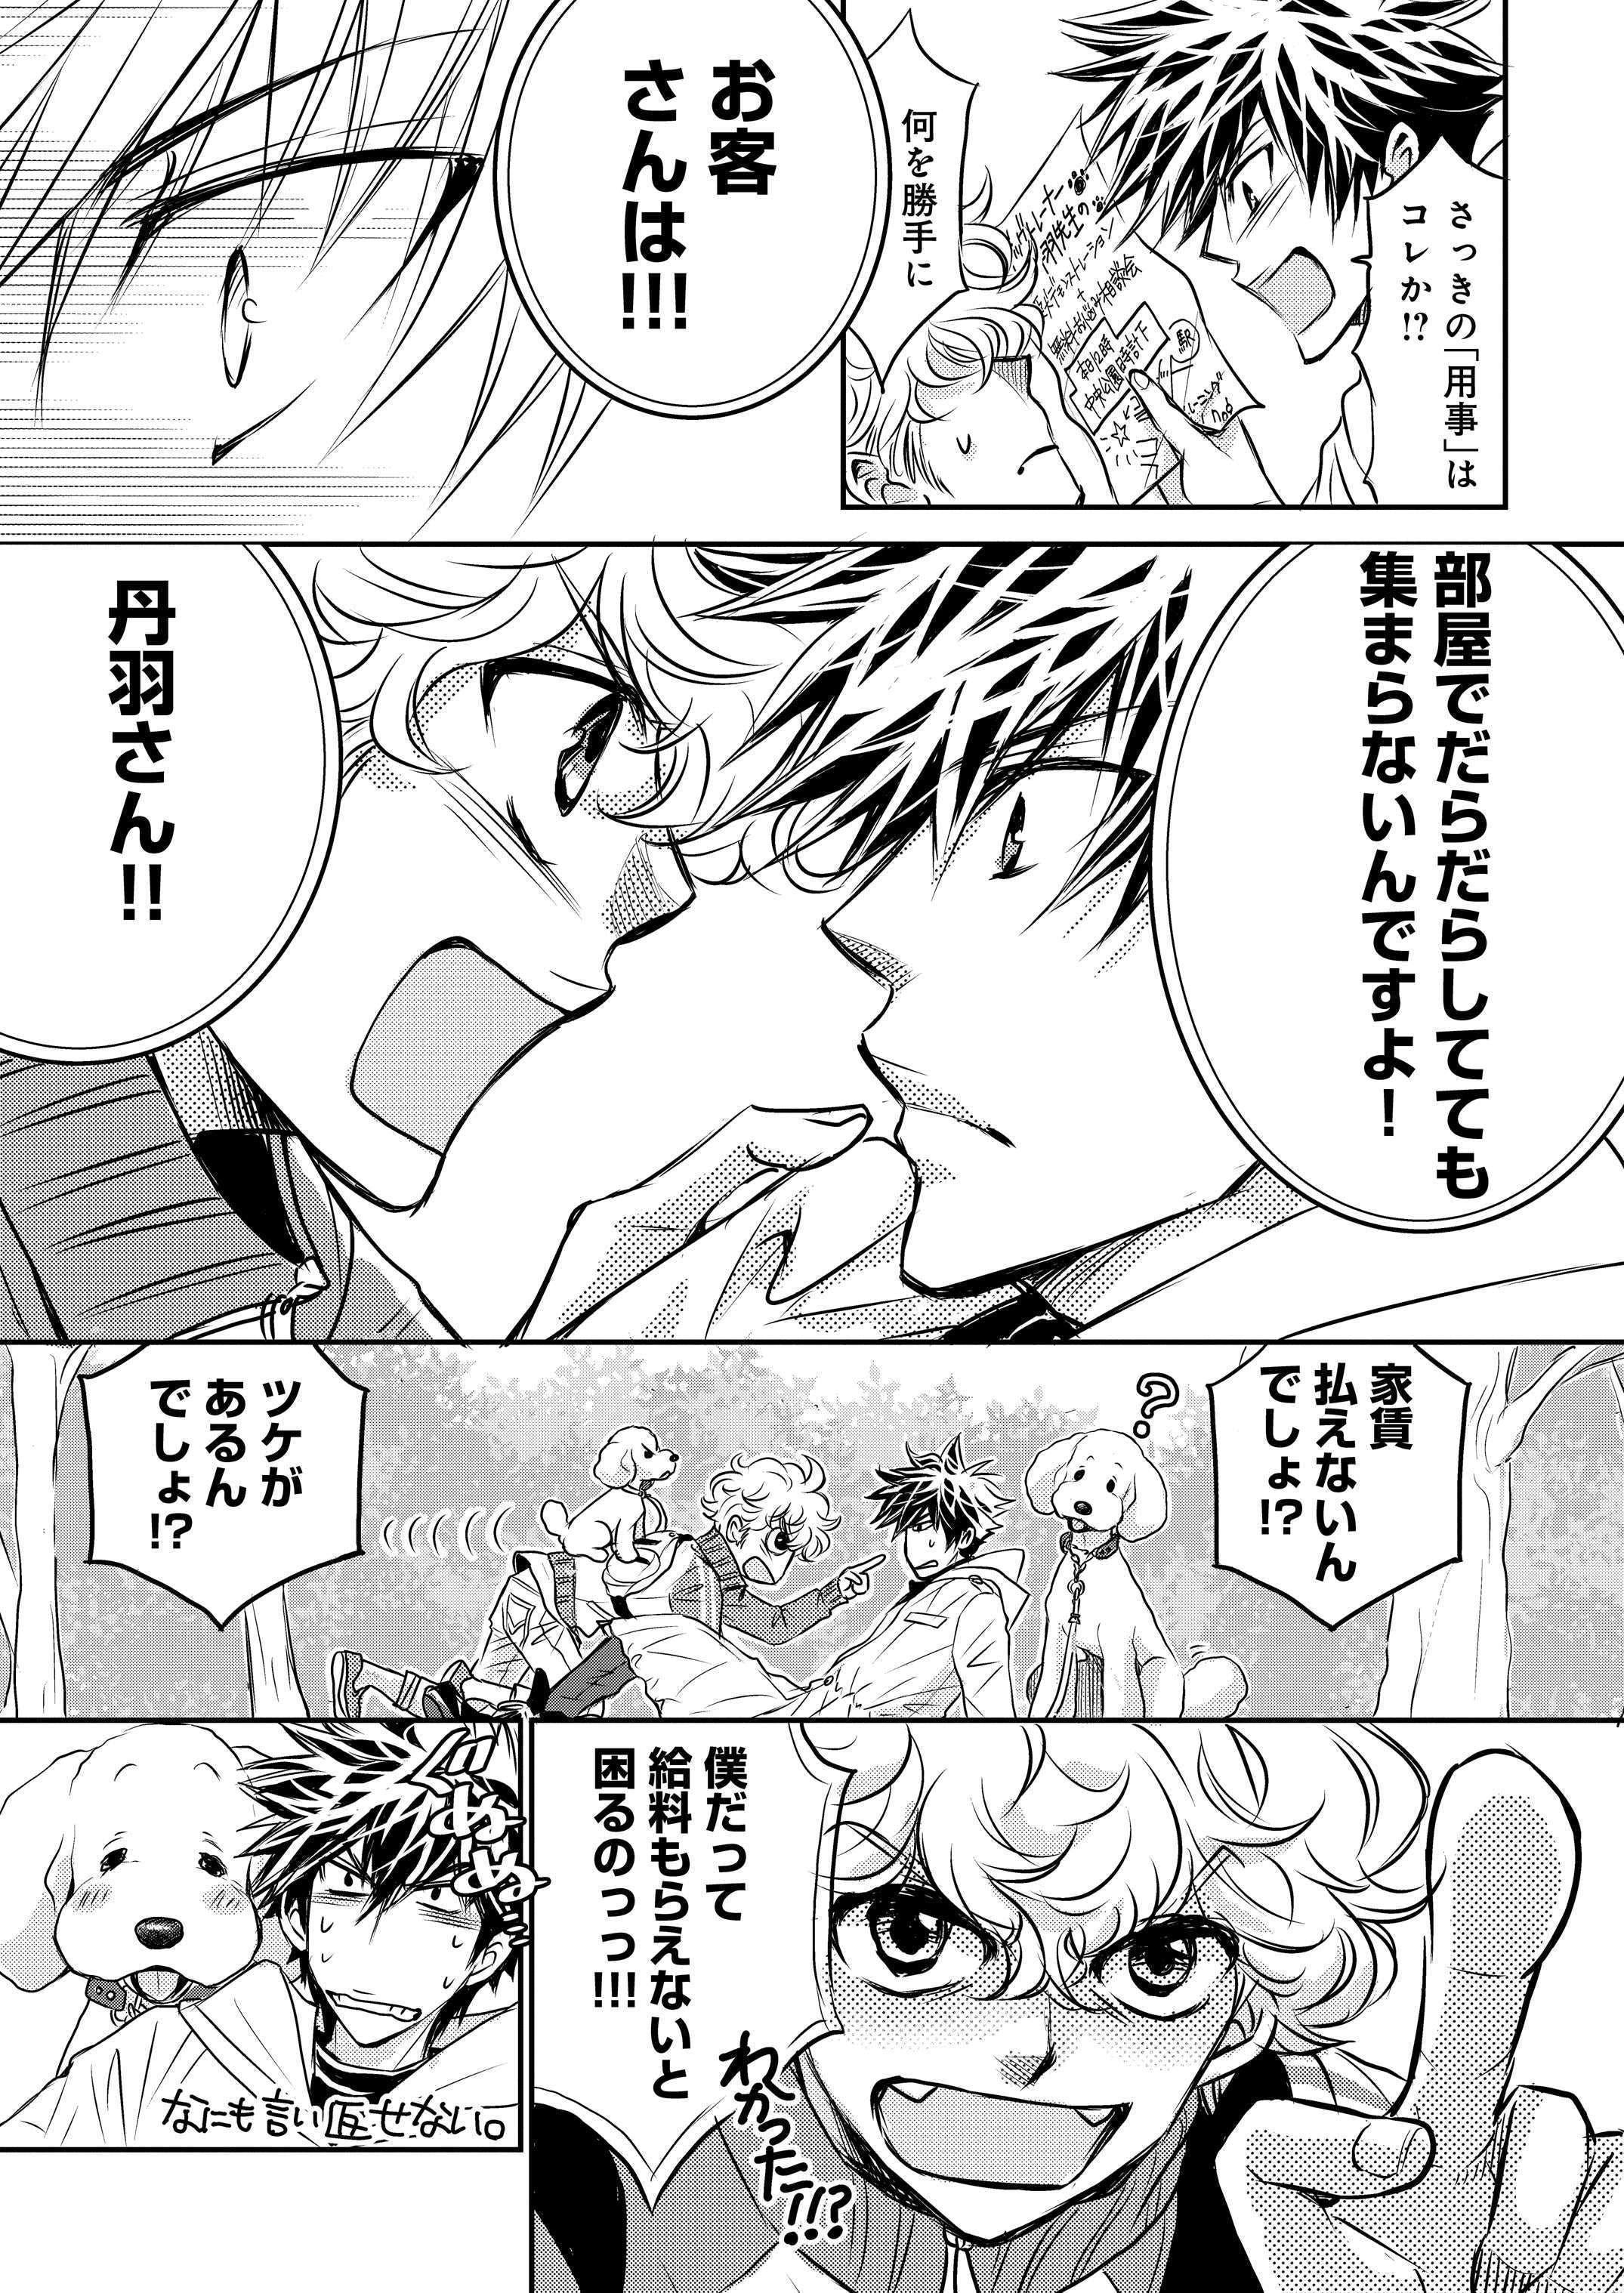 『DOG SIGNAL』2話目③ 2ページ目